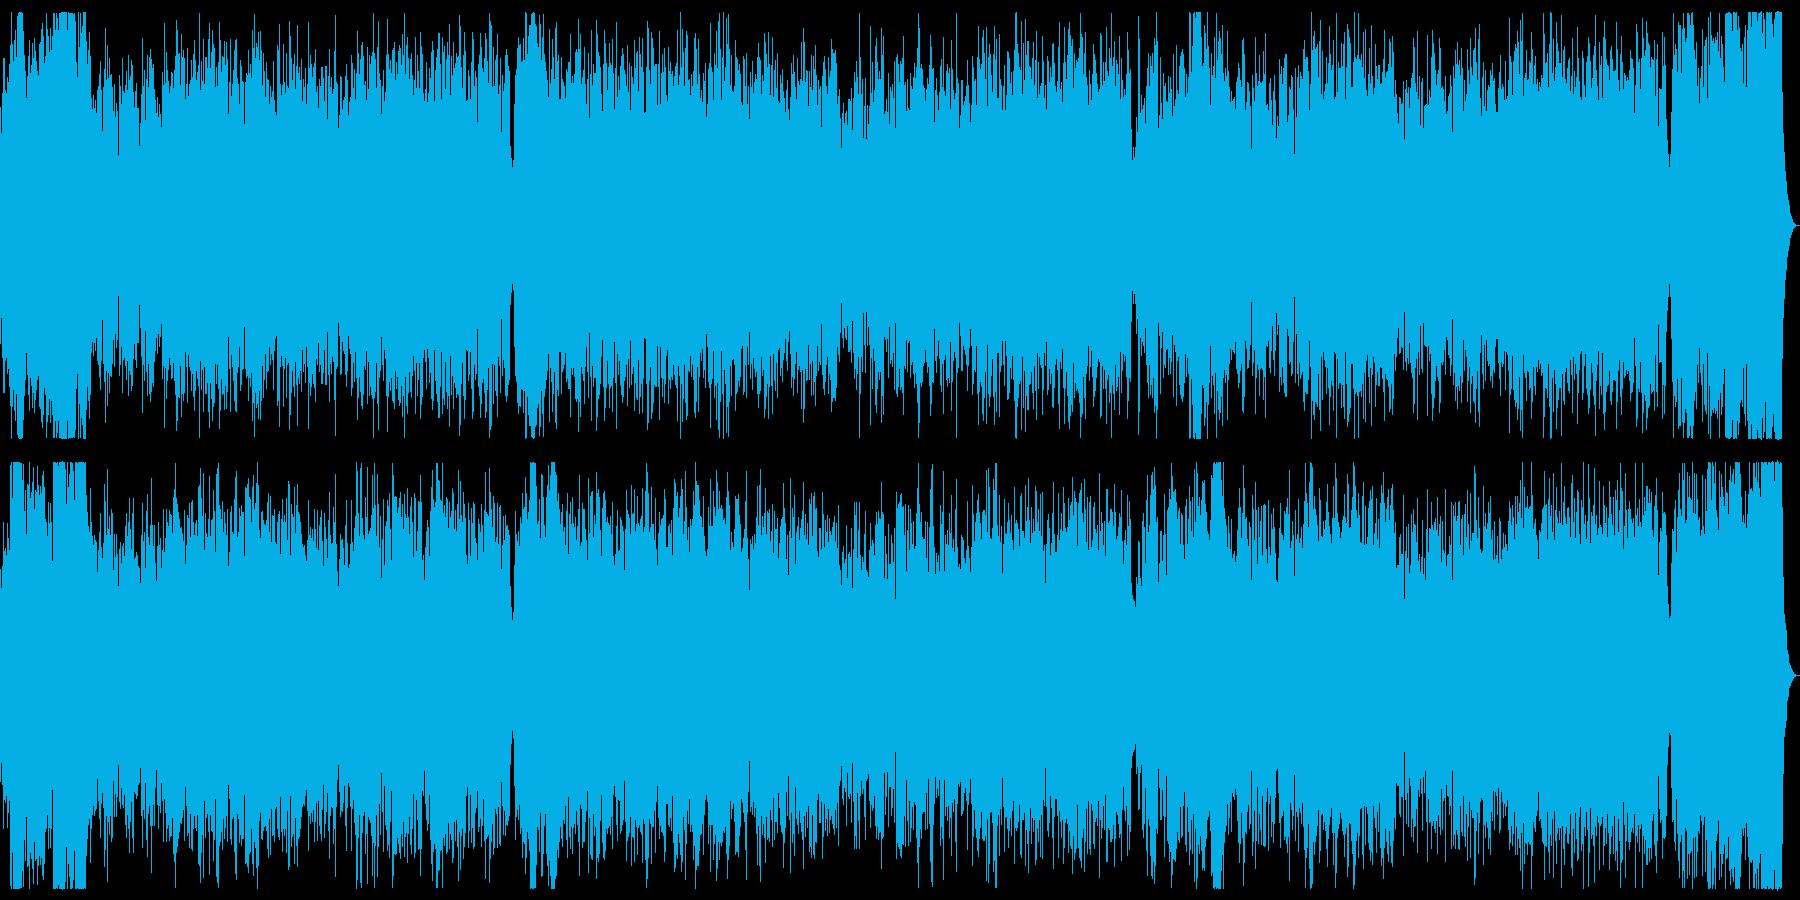 ブレイブハート 勇壮なシンセストリングスの再生済みの波形